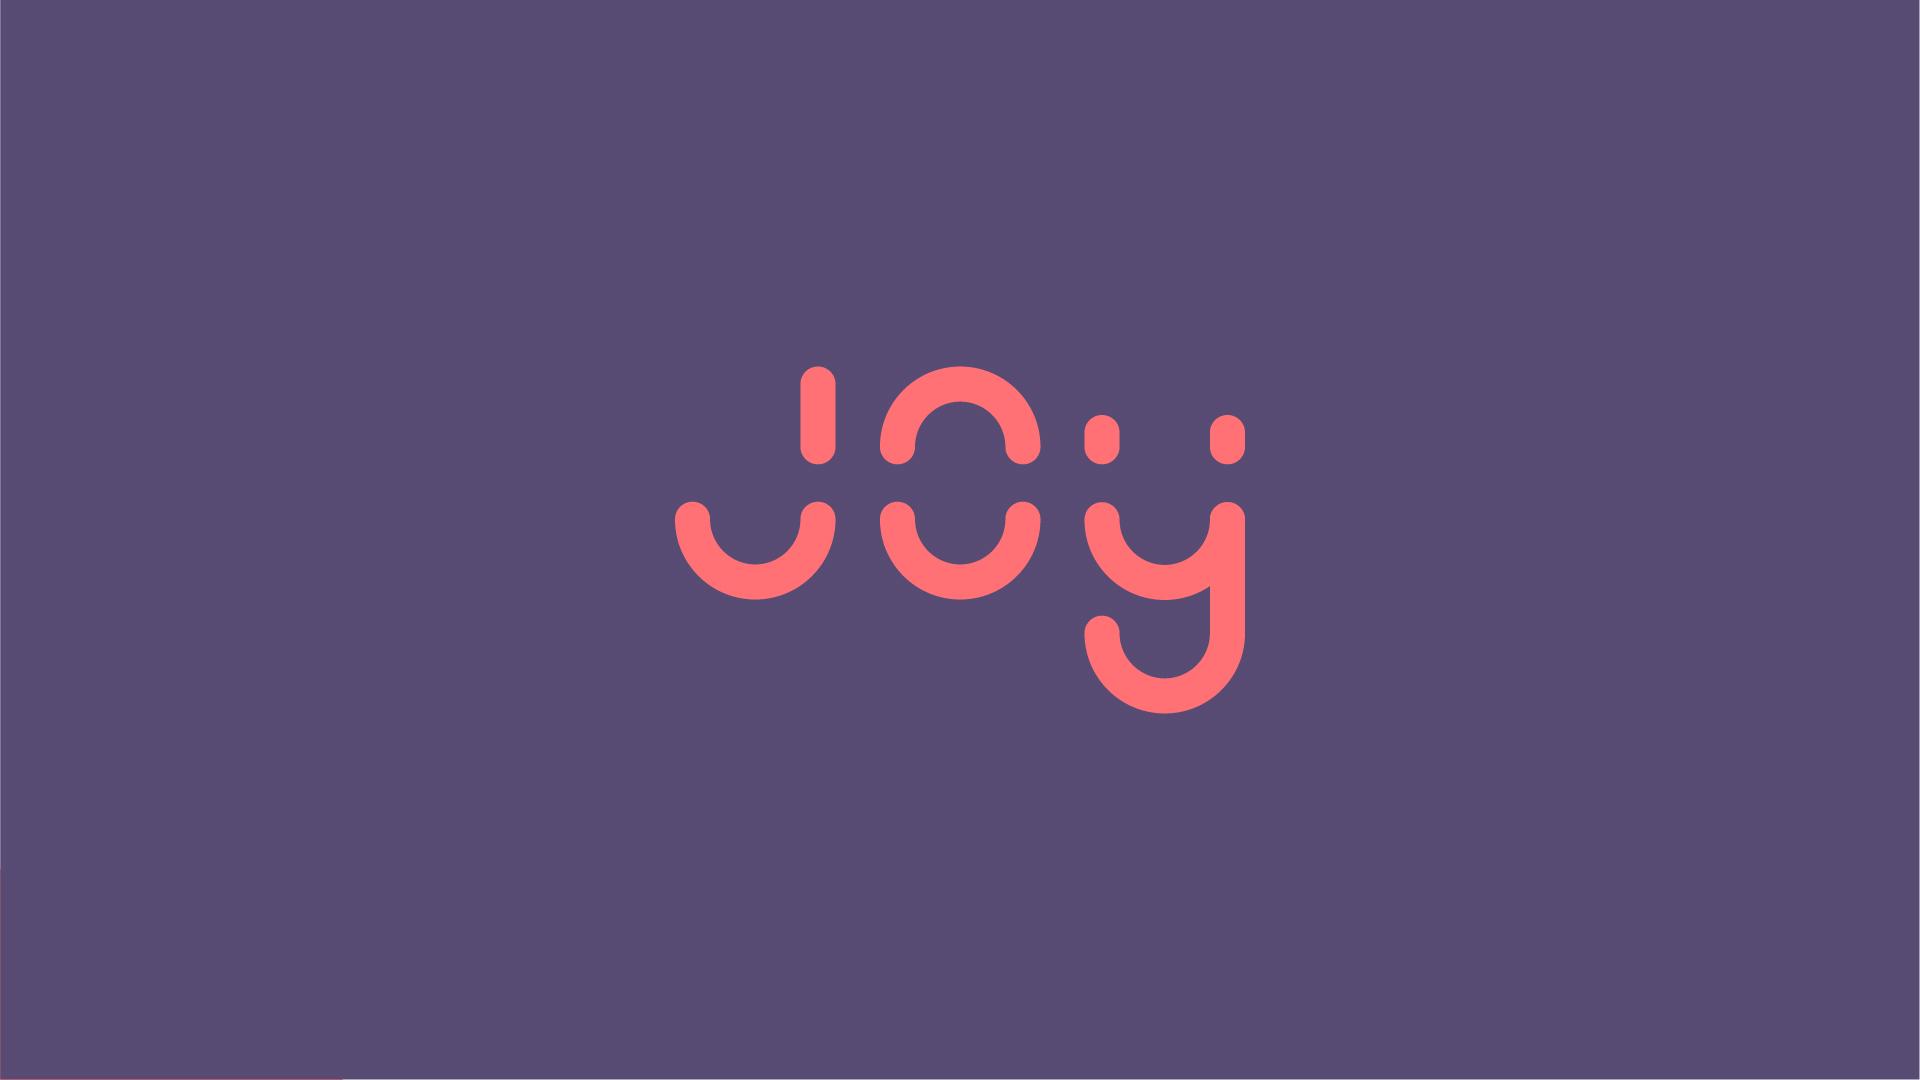 Joy design